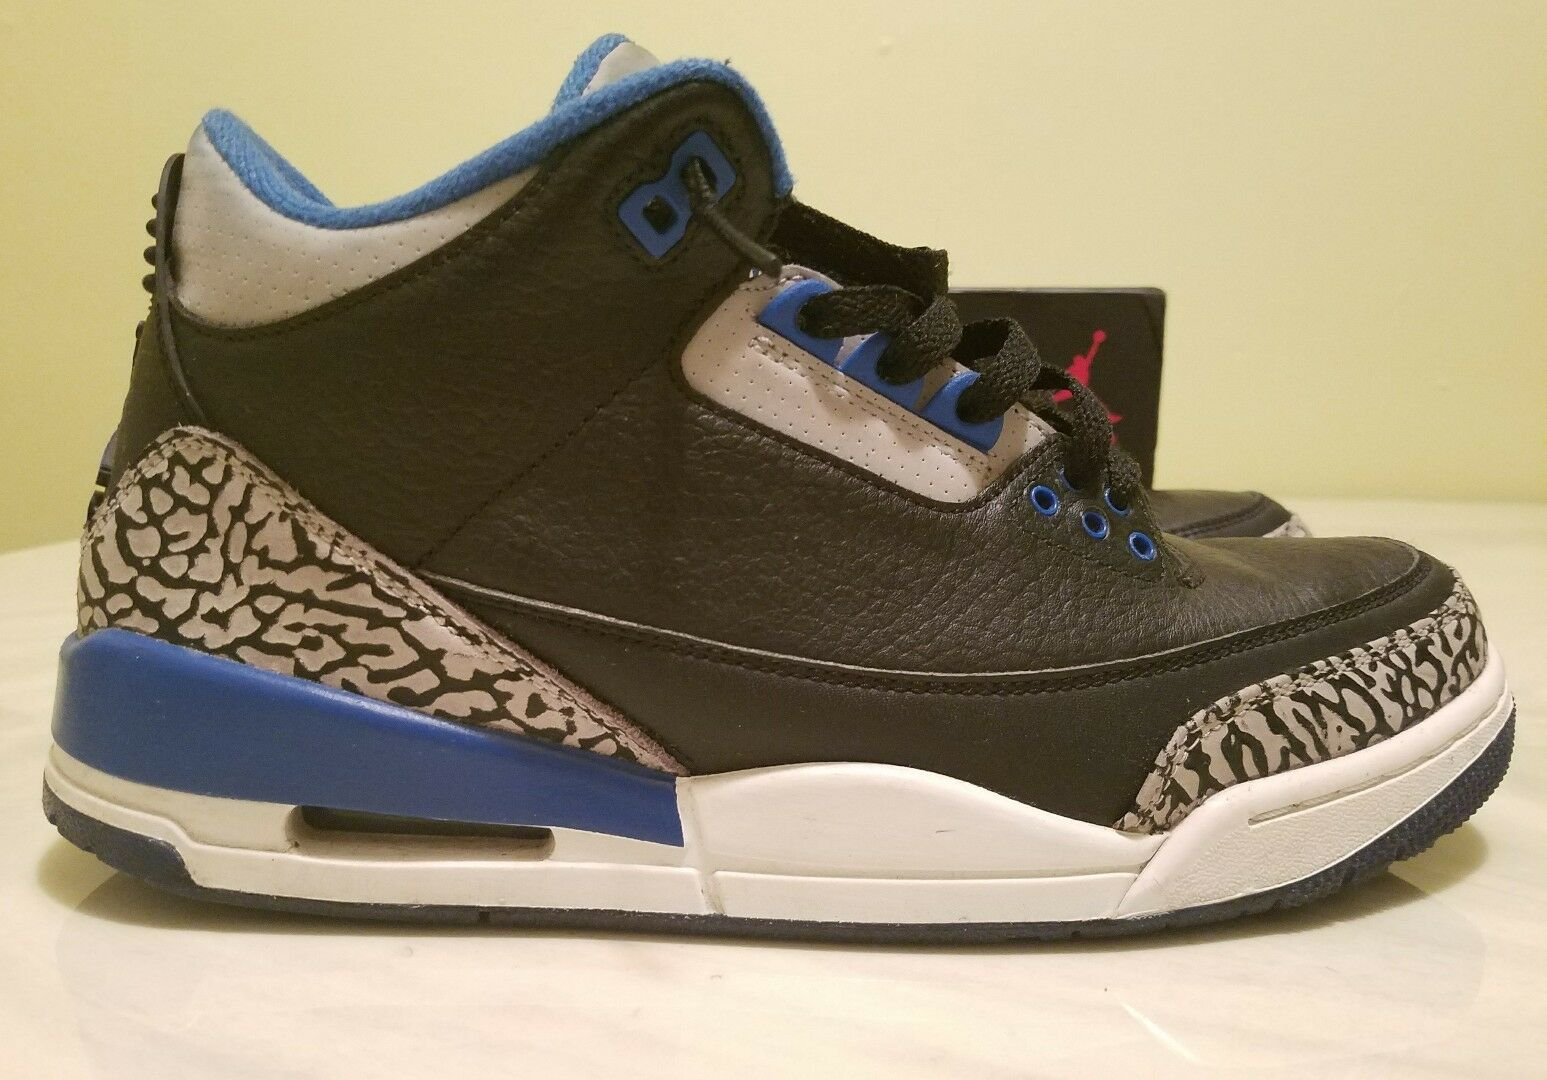 Nike air jordan 3 amatori sport blu dimensioni x / che lebron yeezy melo cp3 kd pg sb